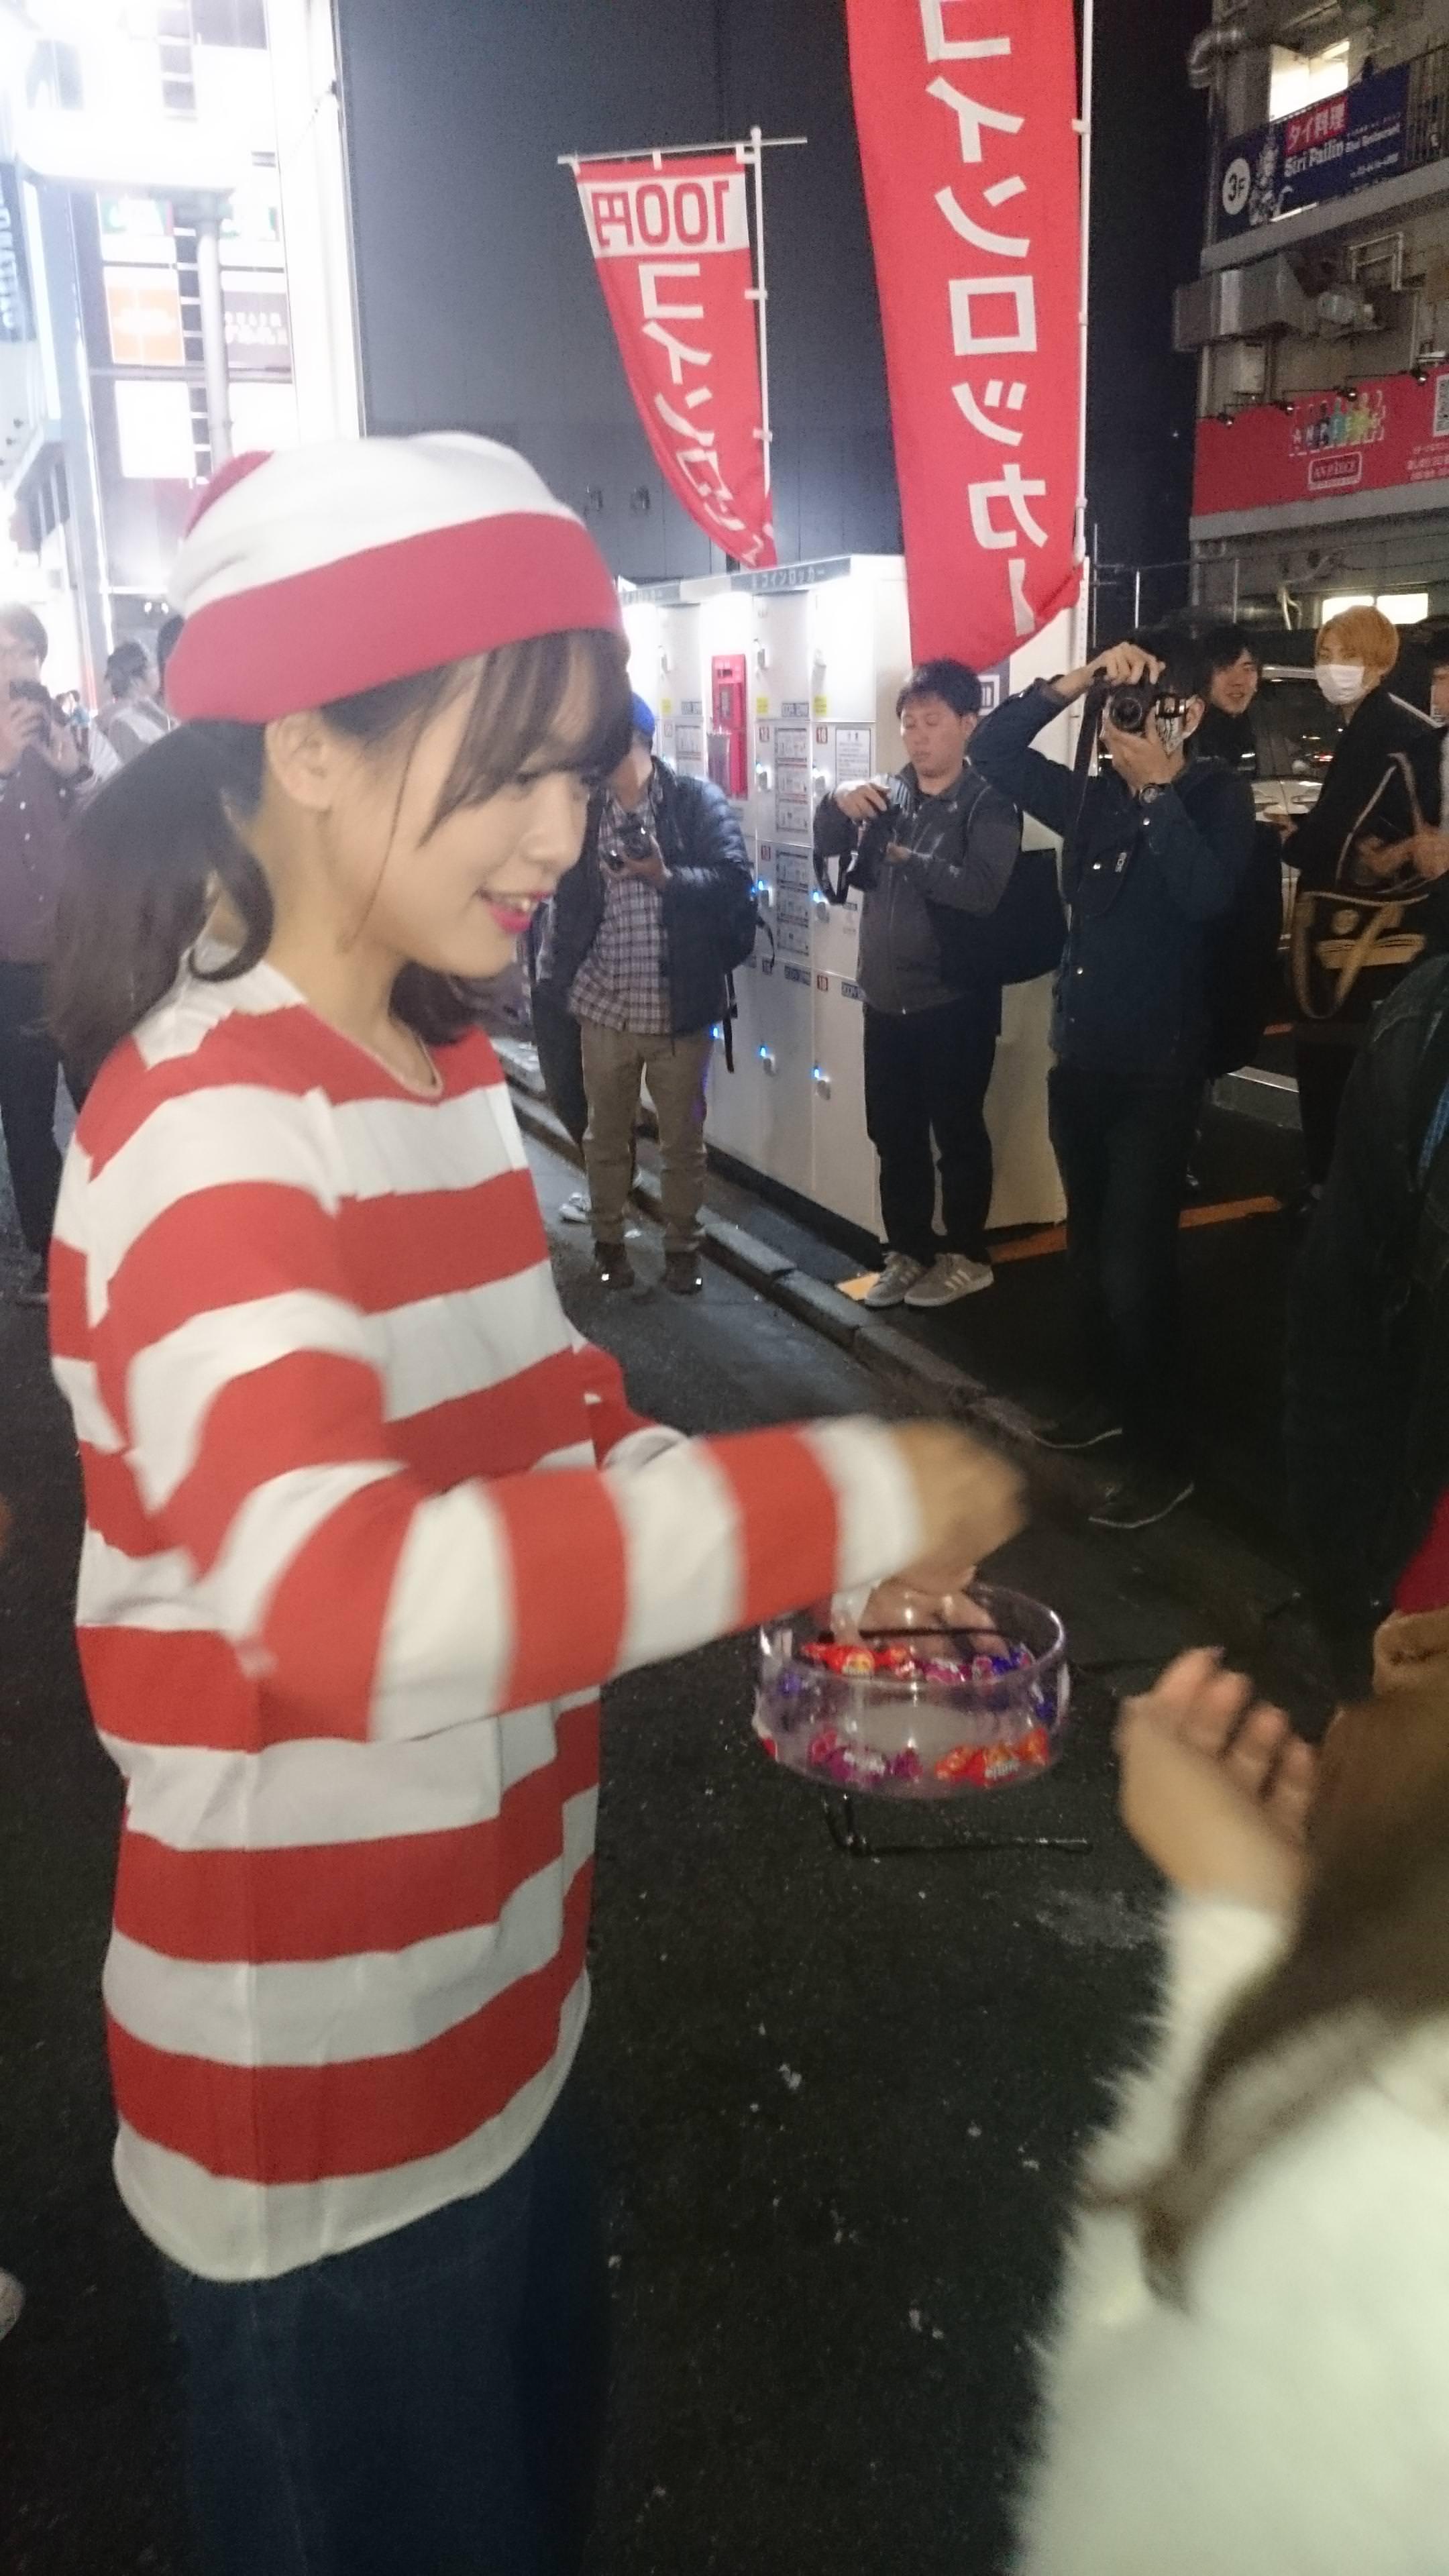 2ちゃんから集めた2016年渋谷のハロウィンコスプレ画像wwww 0157